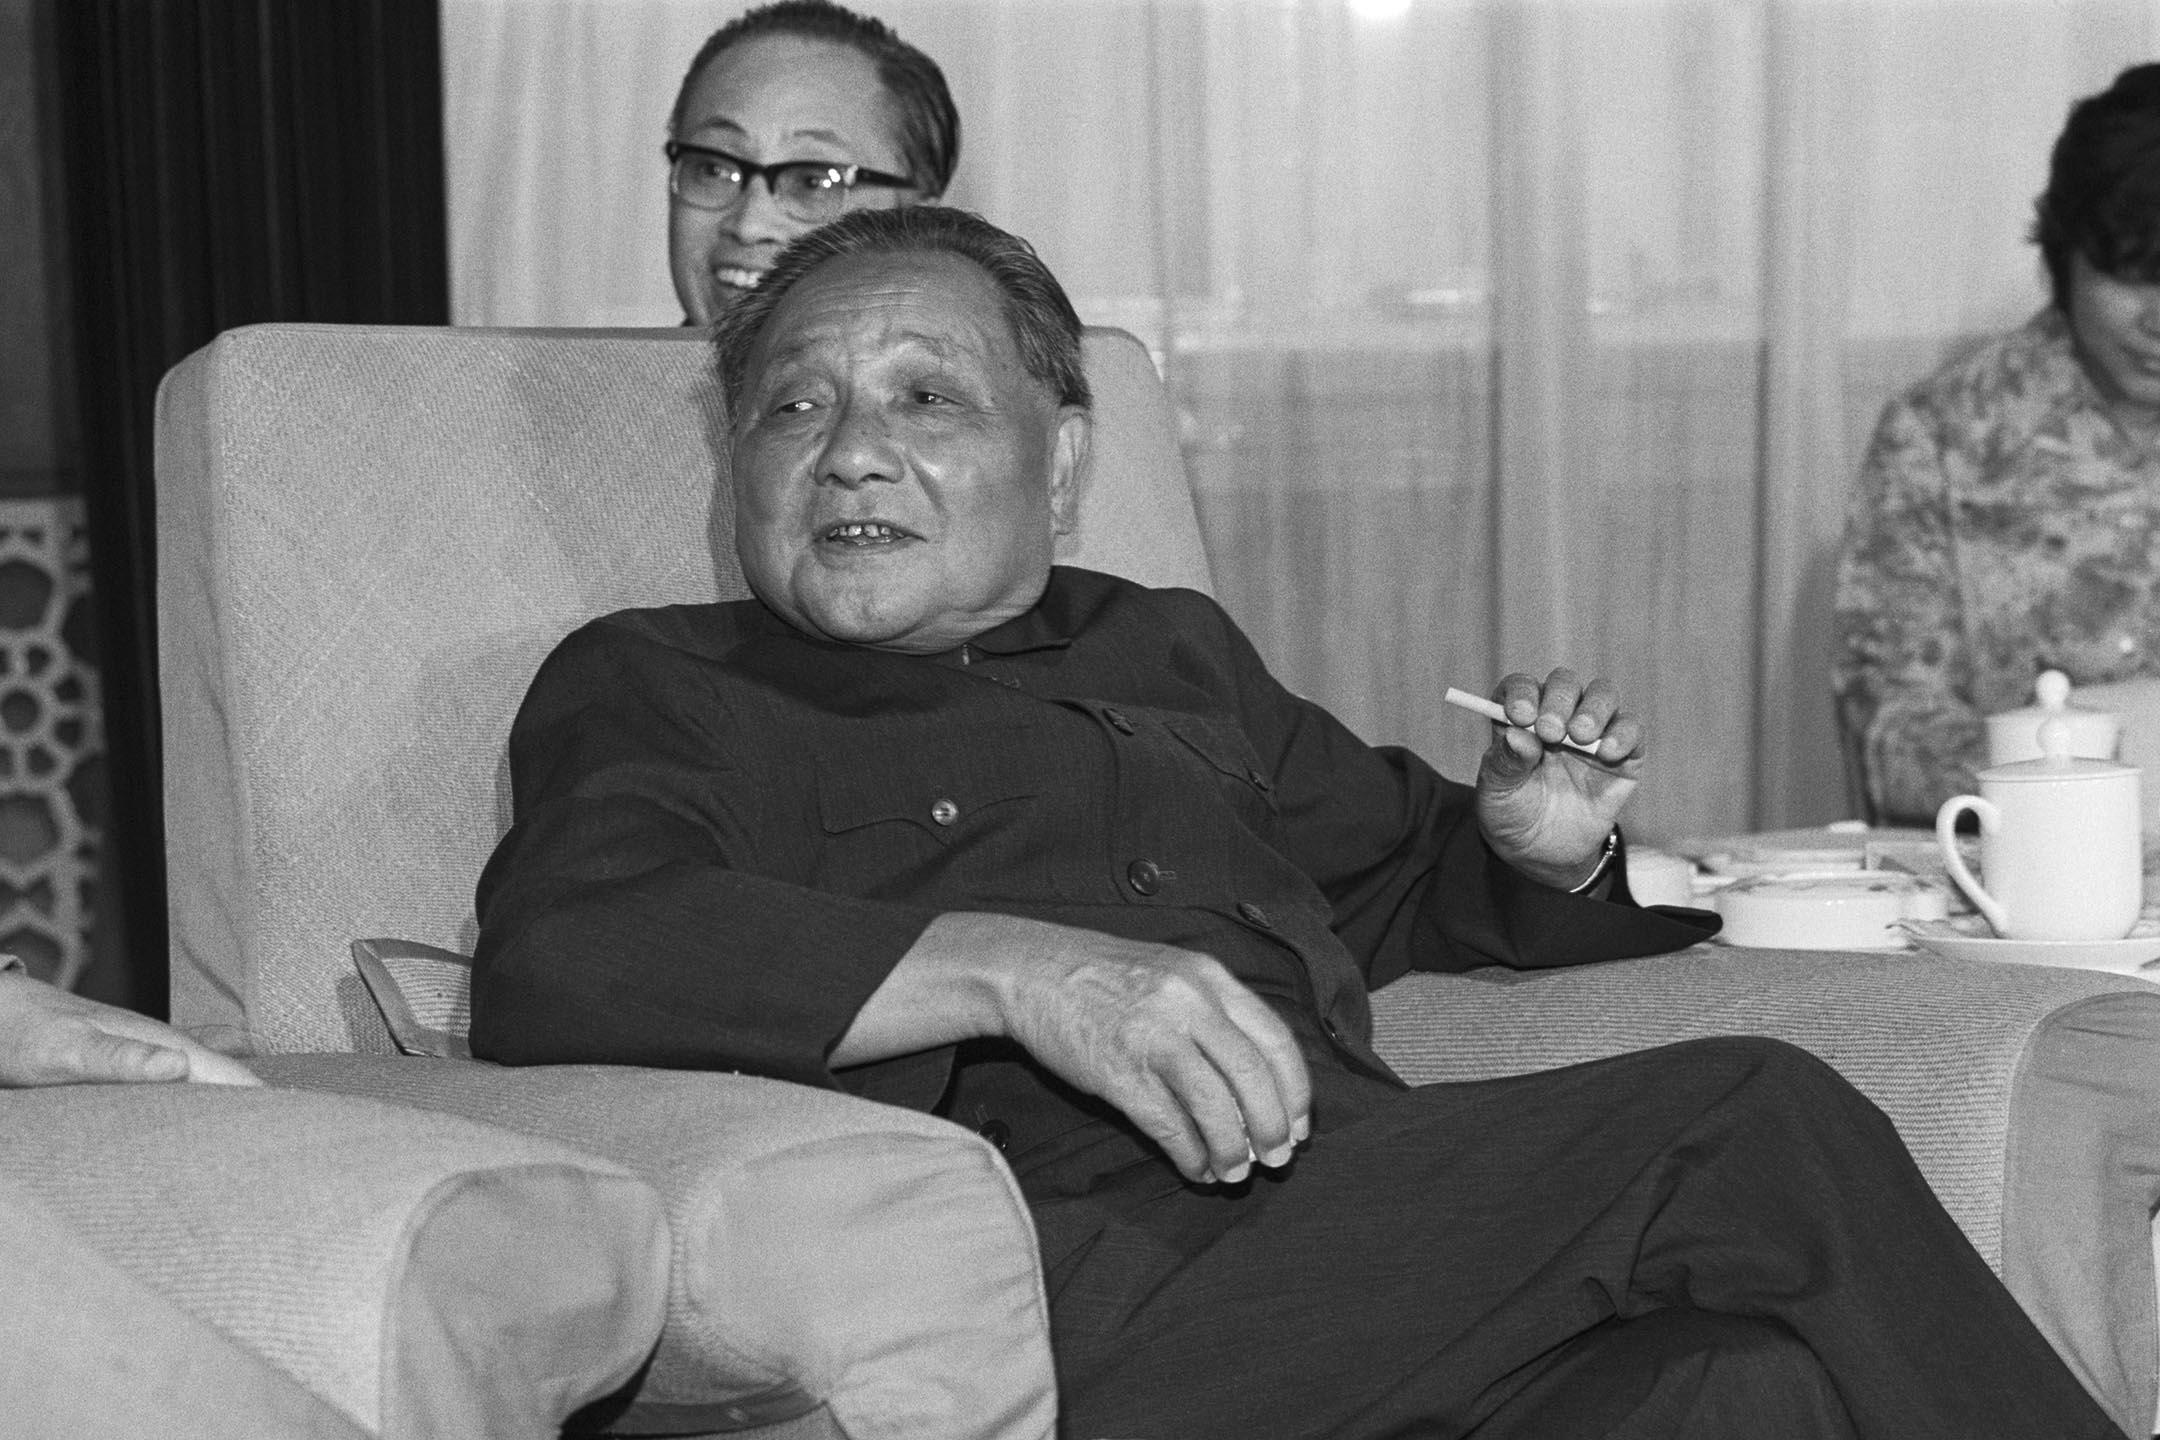 1983年8月27日北京,鄧小平在北京會見參美國議員亨利傑克遜。